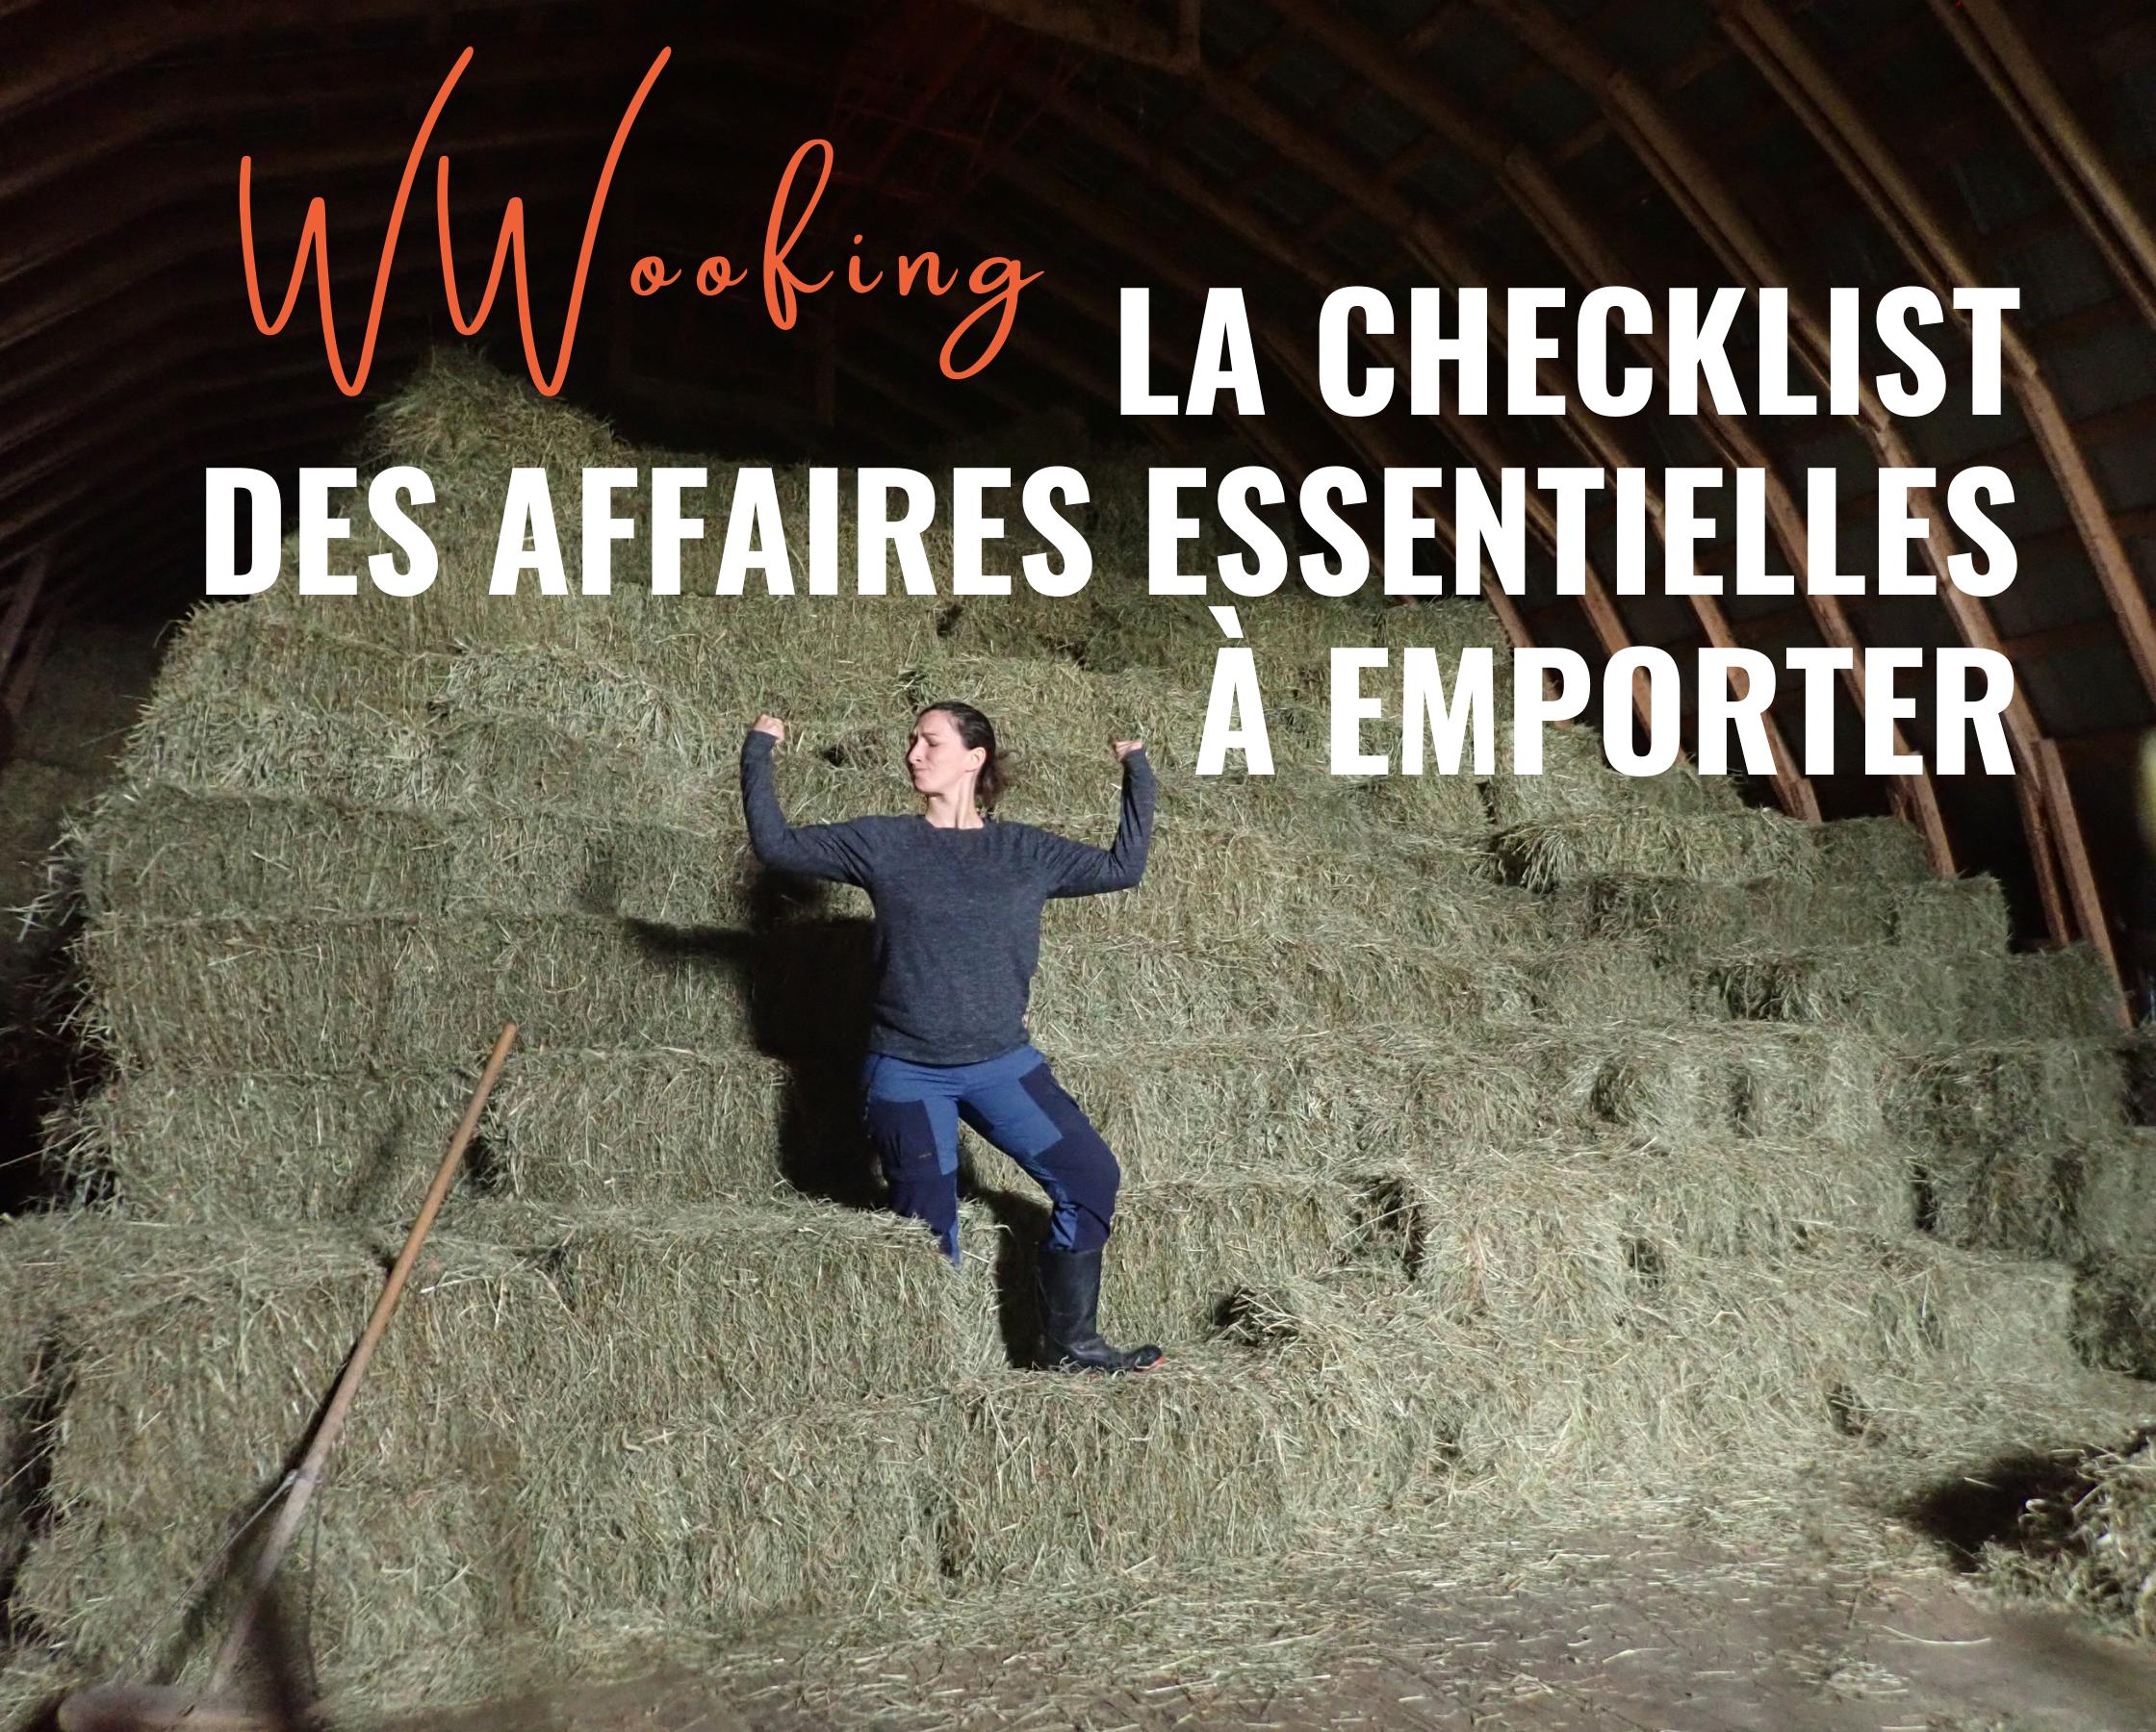 Quoi emporter en wwoofing ? La checklist des affaires essentielles !